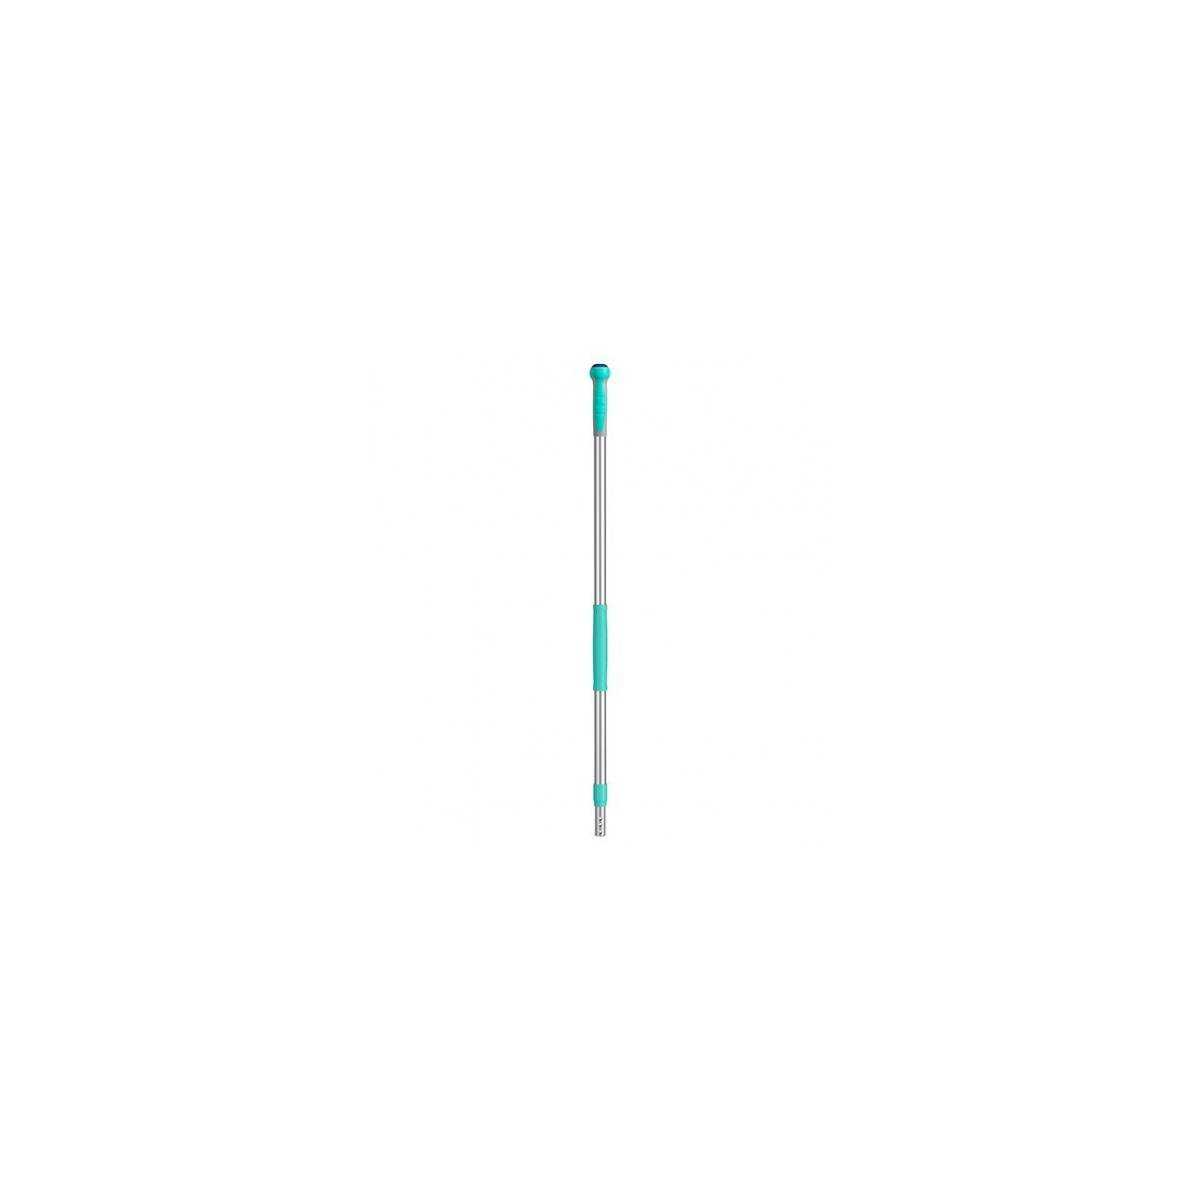 Рукоятка алюминиевая телескопическая из 2-х частей 97-184см (С синим колпачком) 0B001044 TTS